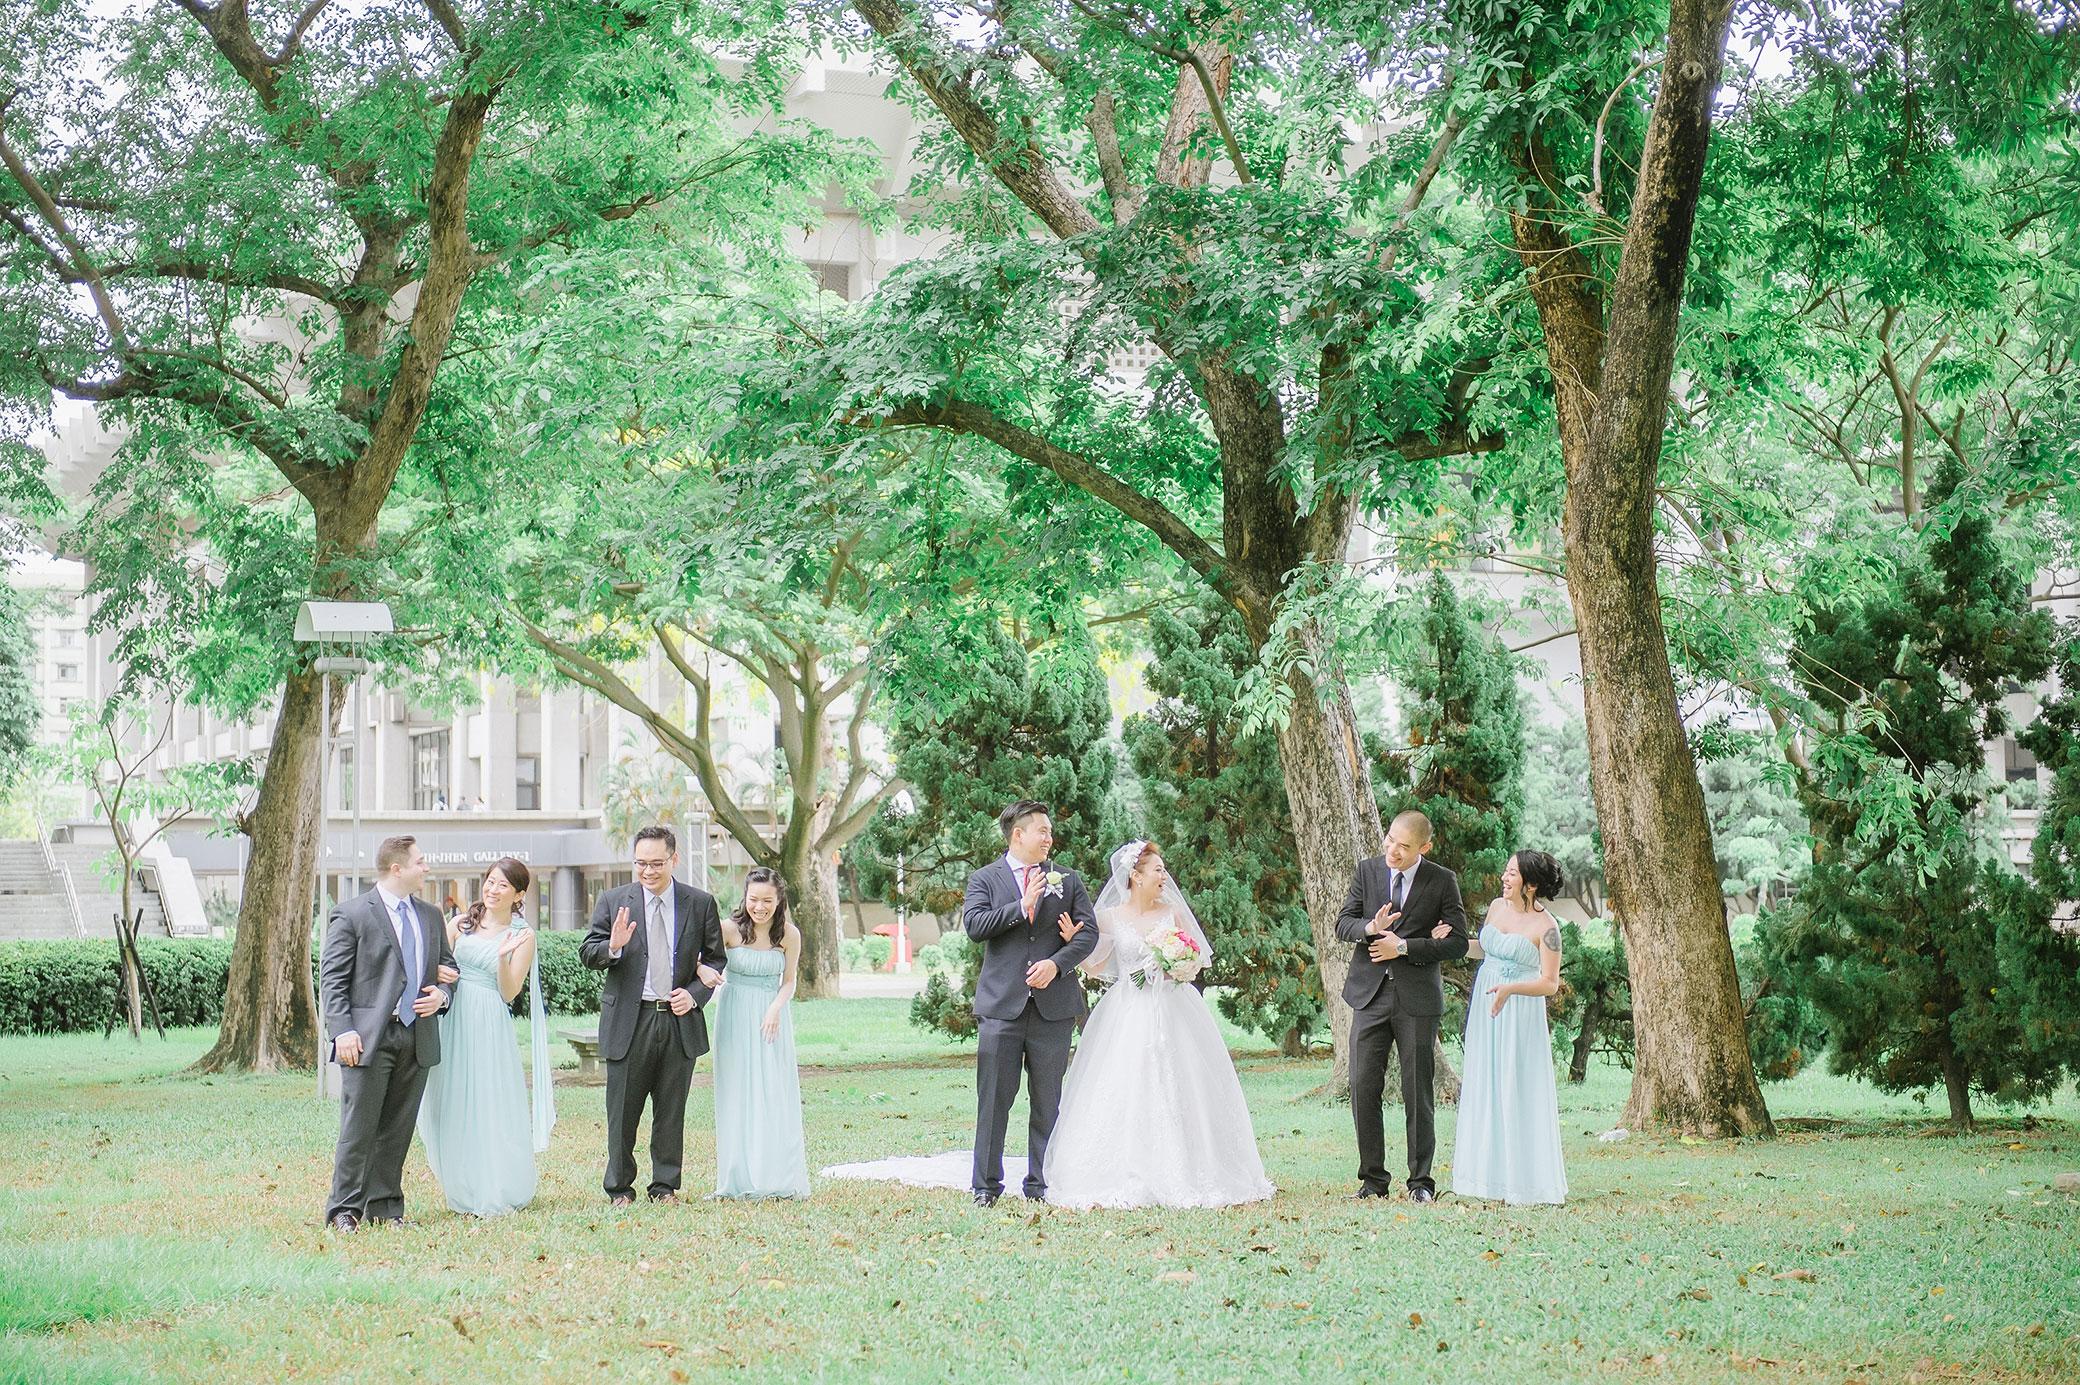 nickchang-realwedding-fineart-15